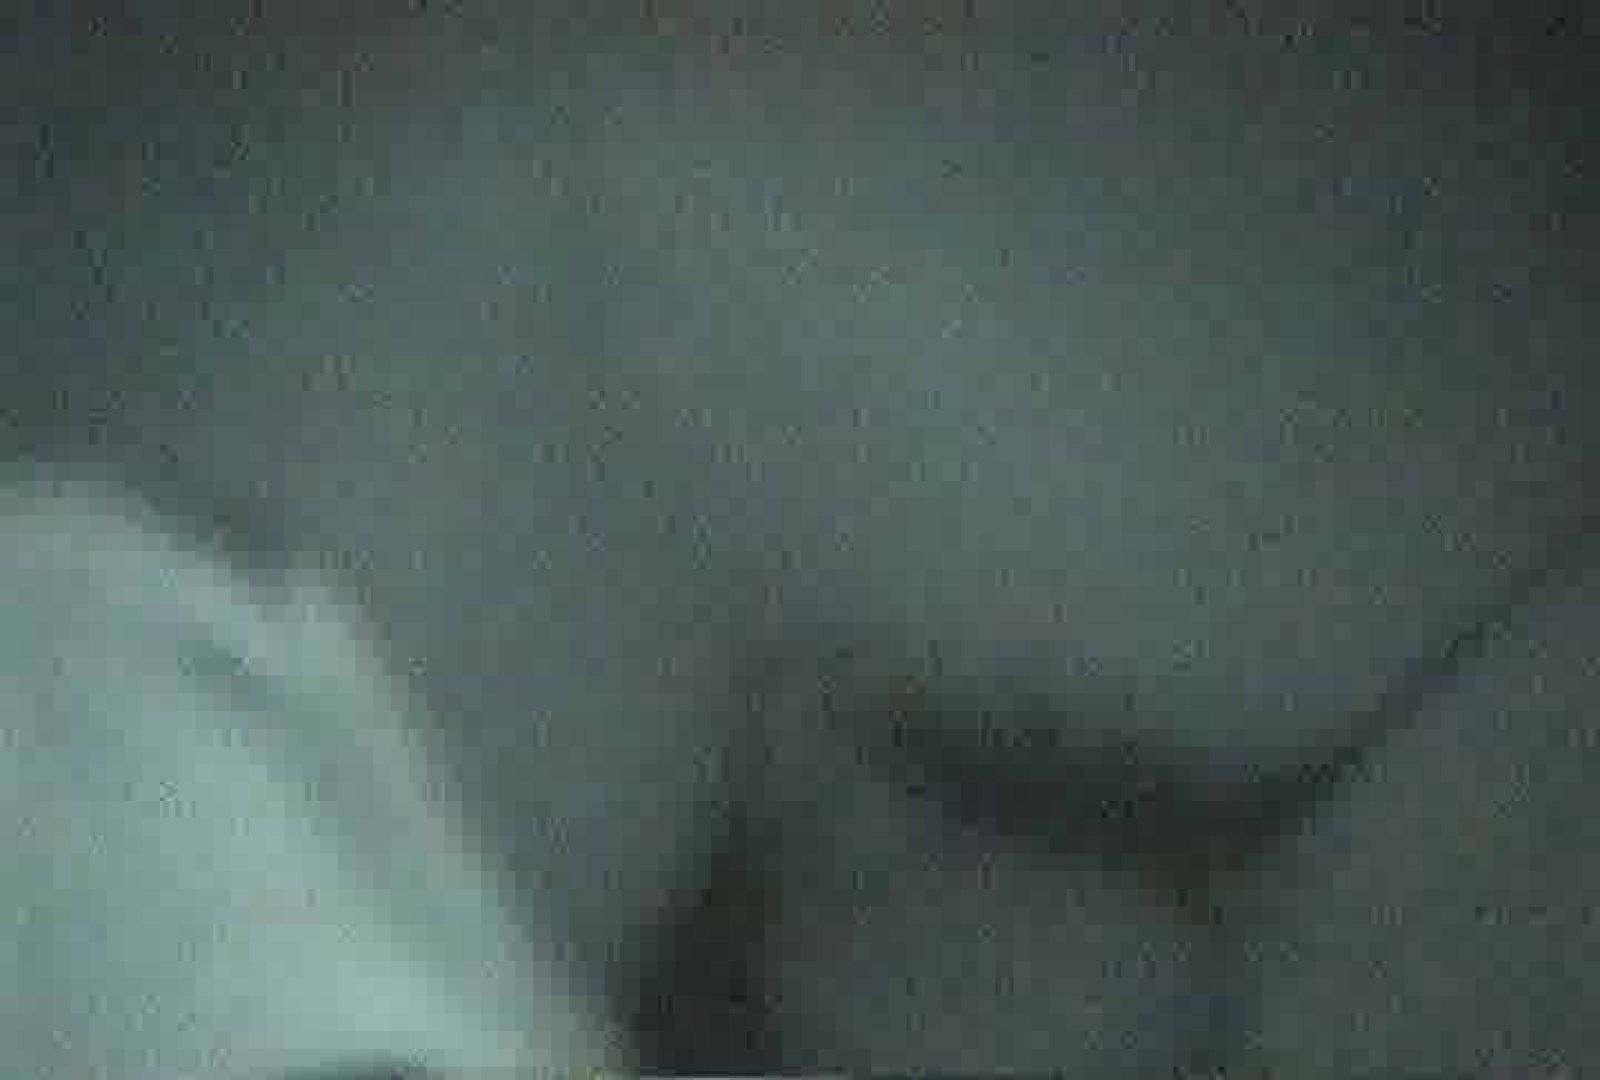 充血監督の深夜の運動会Vol.75 現役ギャル | お姉さん丸裸  77pic 9